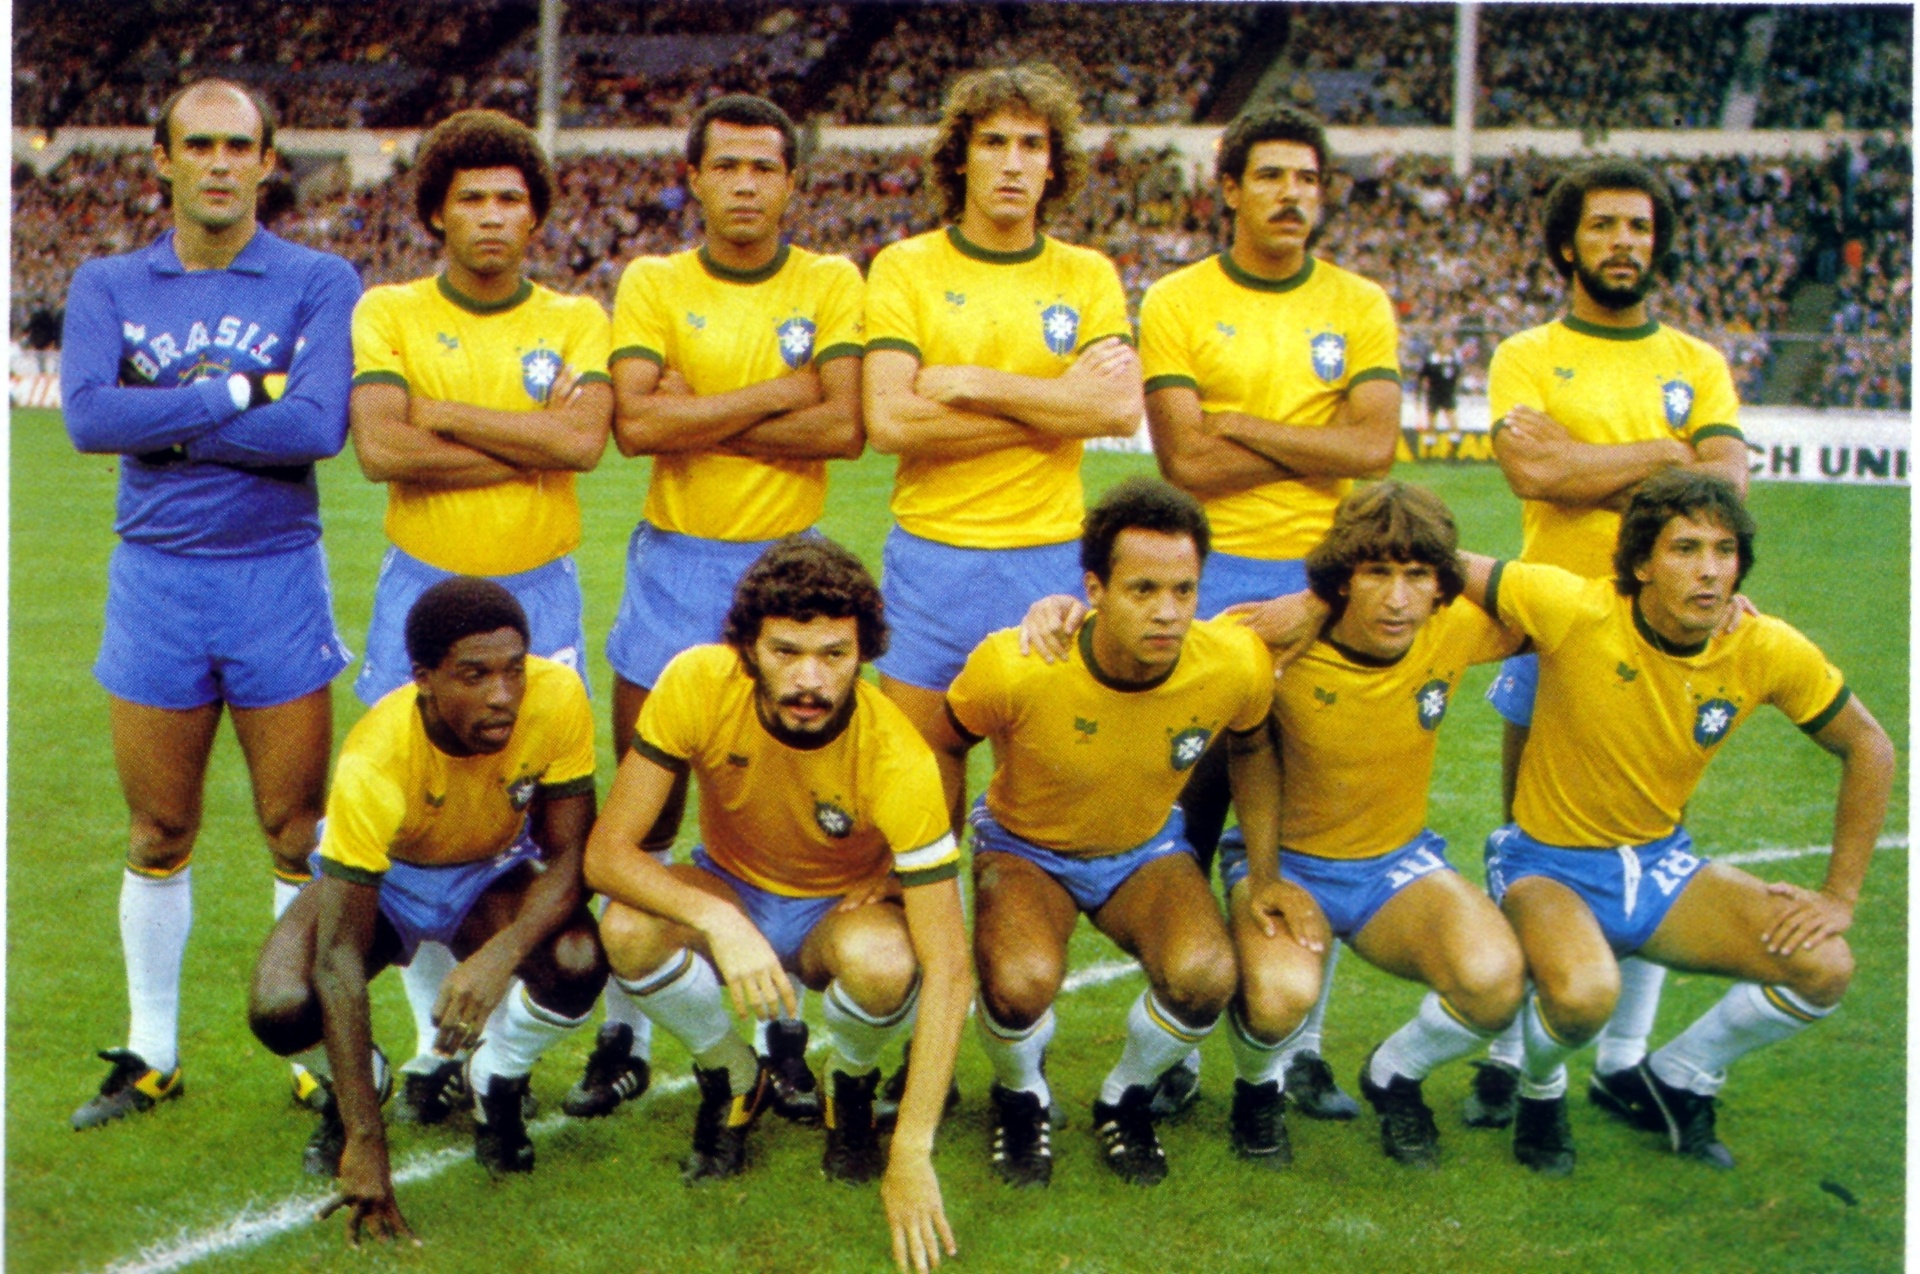 Jogadores da seleção brasileira posam para tradicional foto antes do amistoso contra a Inglaterra em Wembley. Imagem faz parte da coleção de Harley Lima Fernandes, fanático pela equipe canarinho